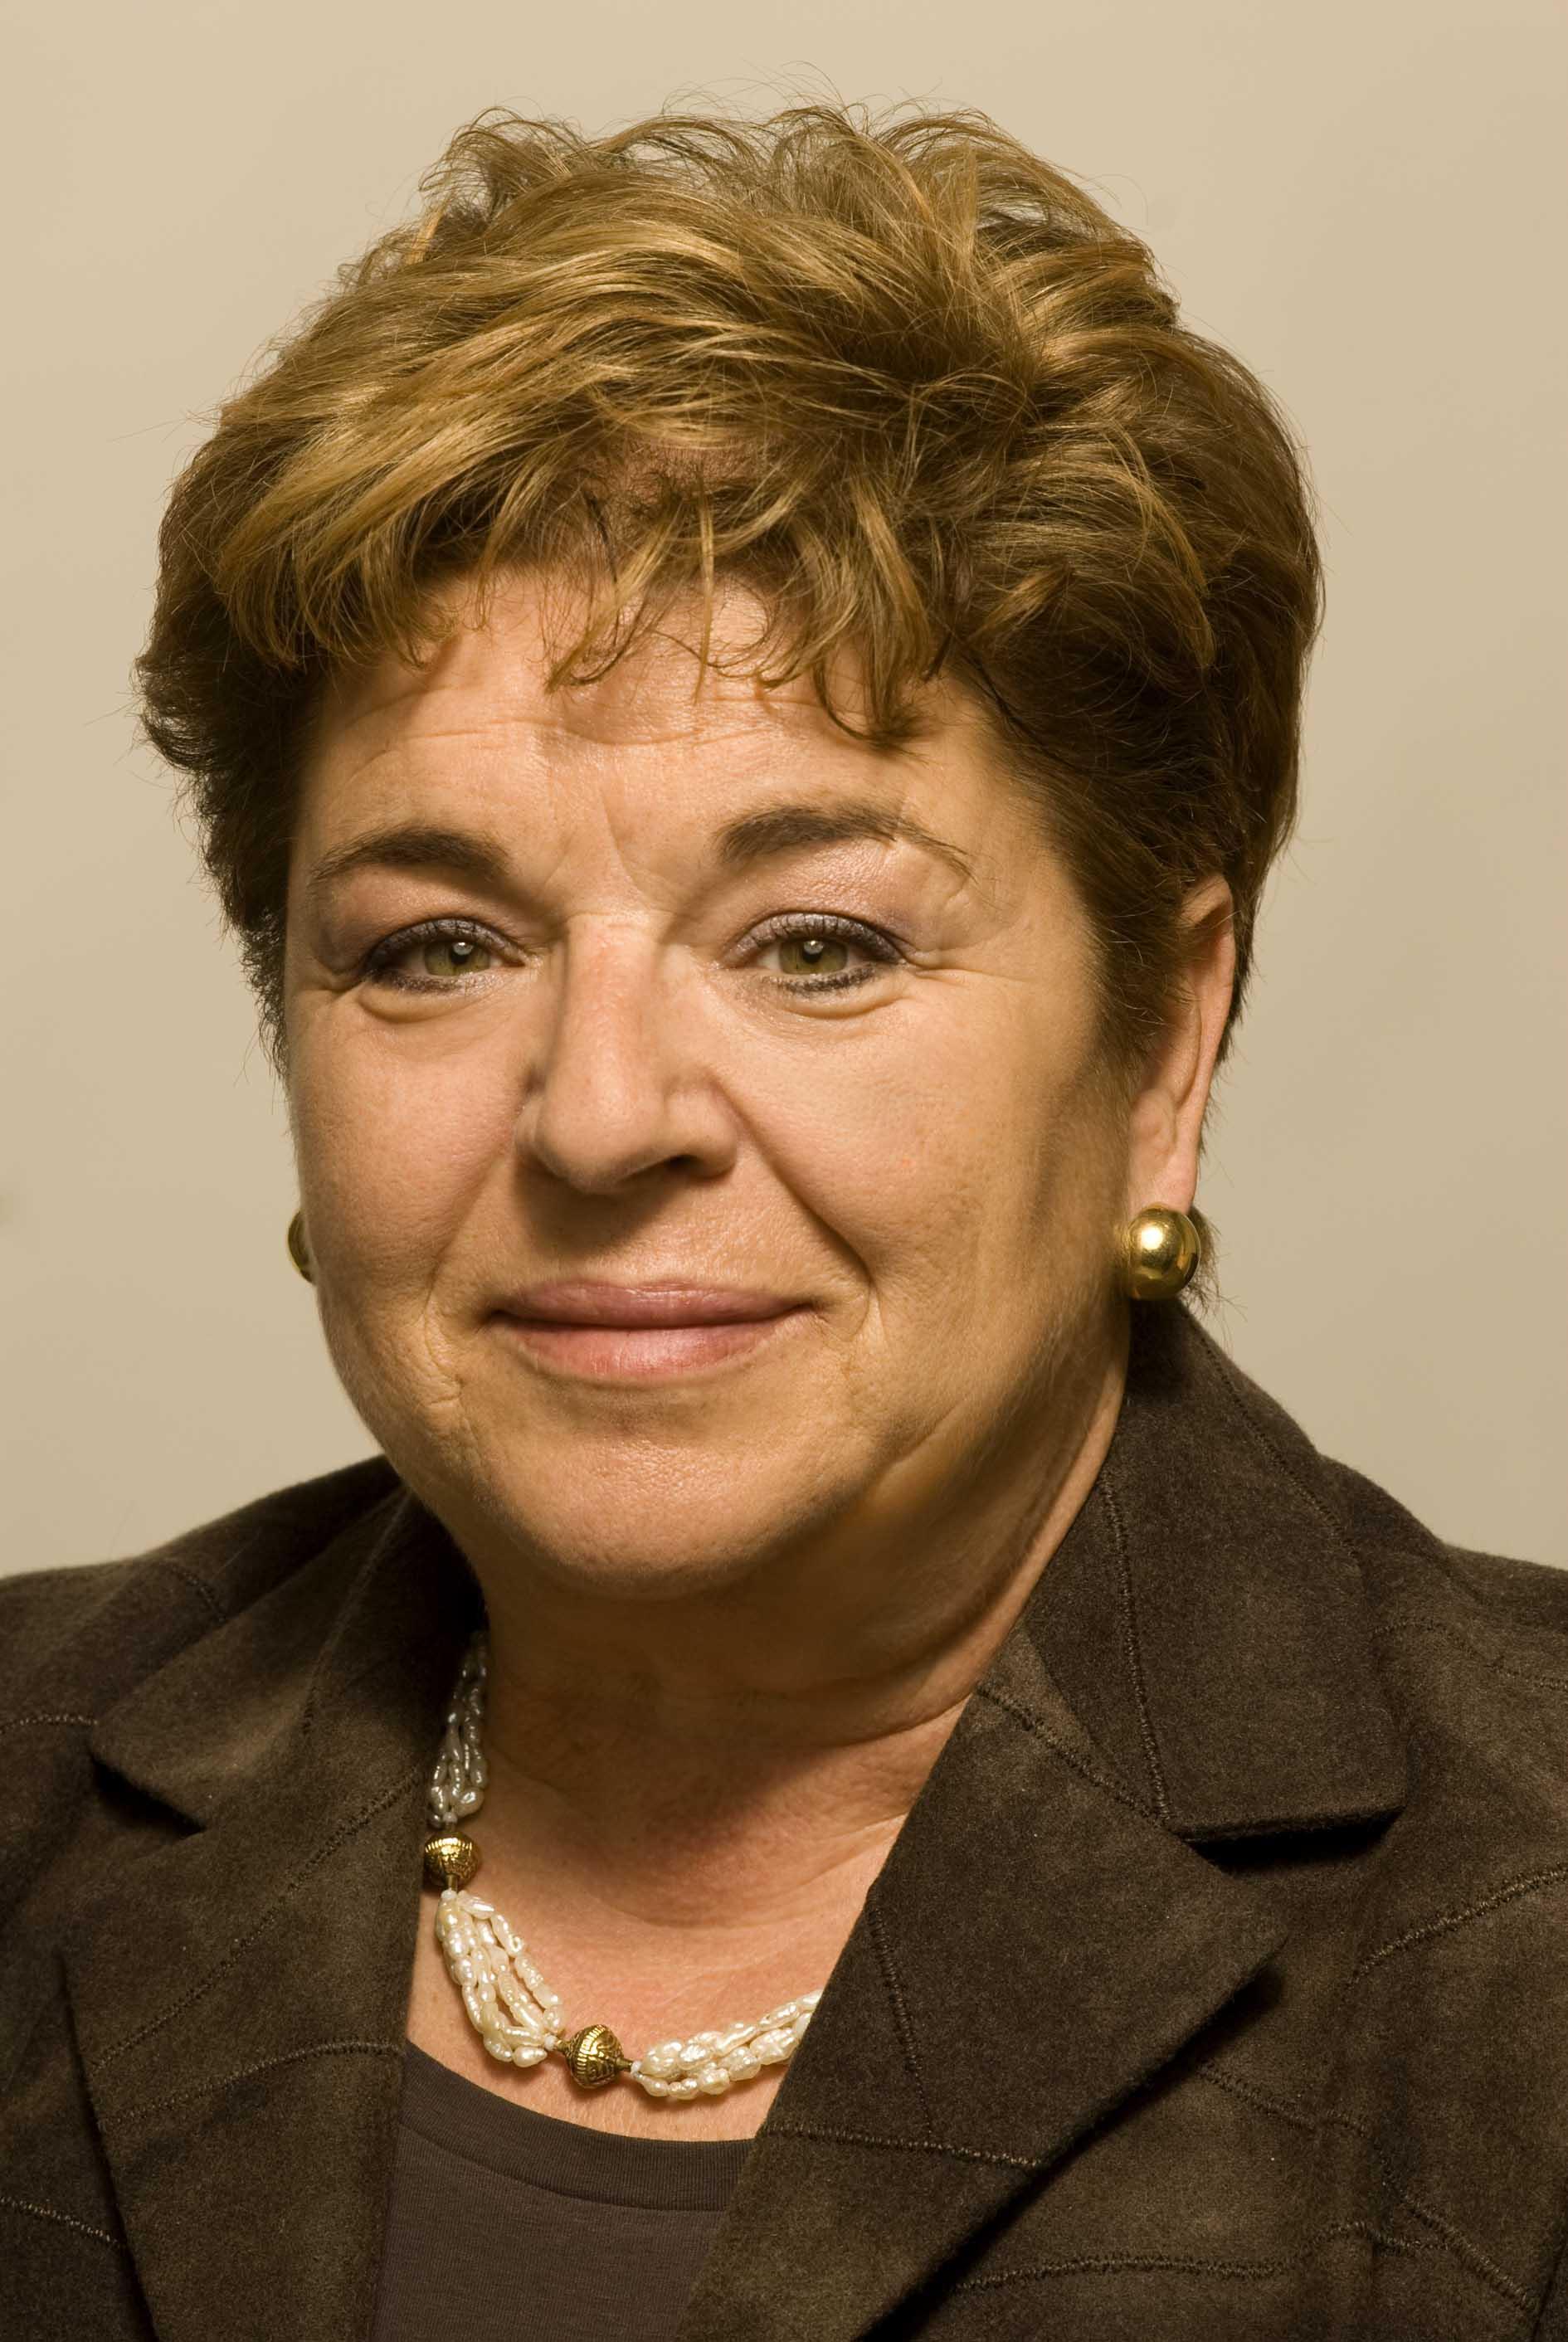 MARIA GEMMA AZUNI - Consigliere Roma